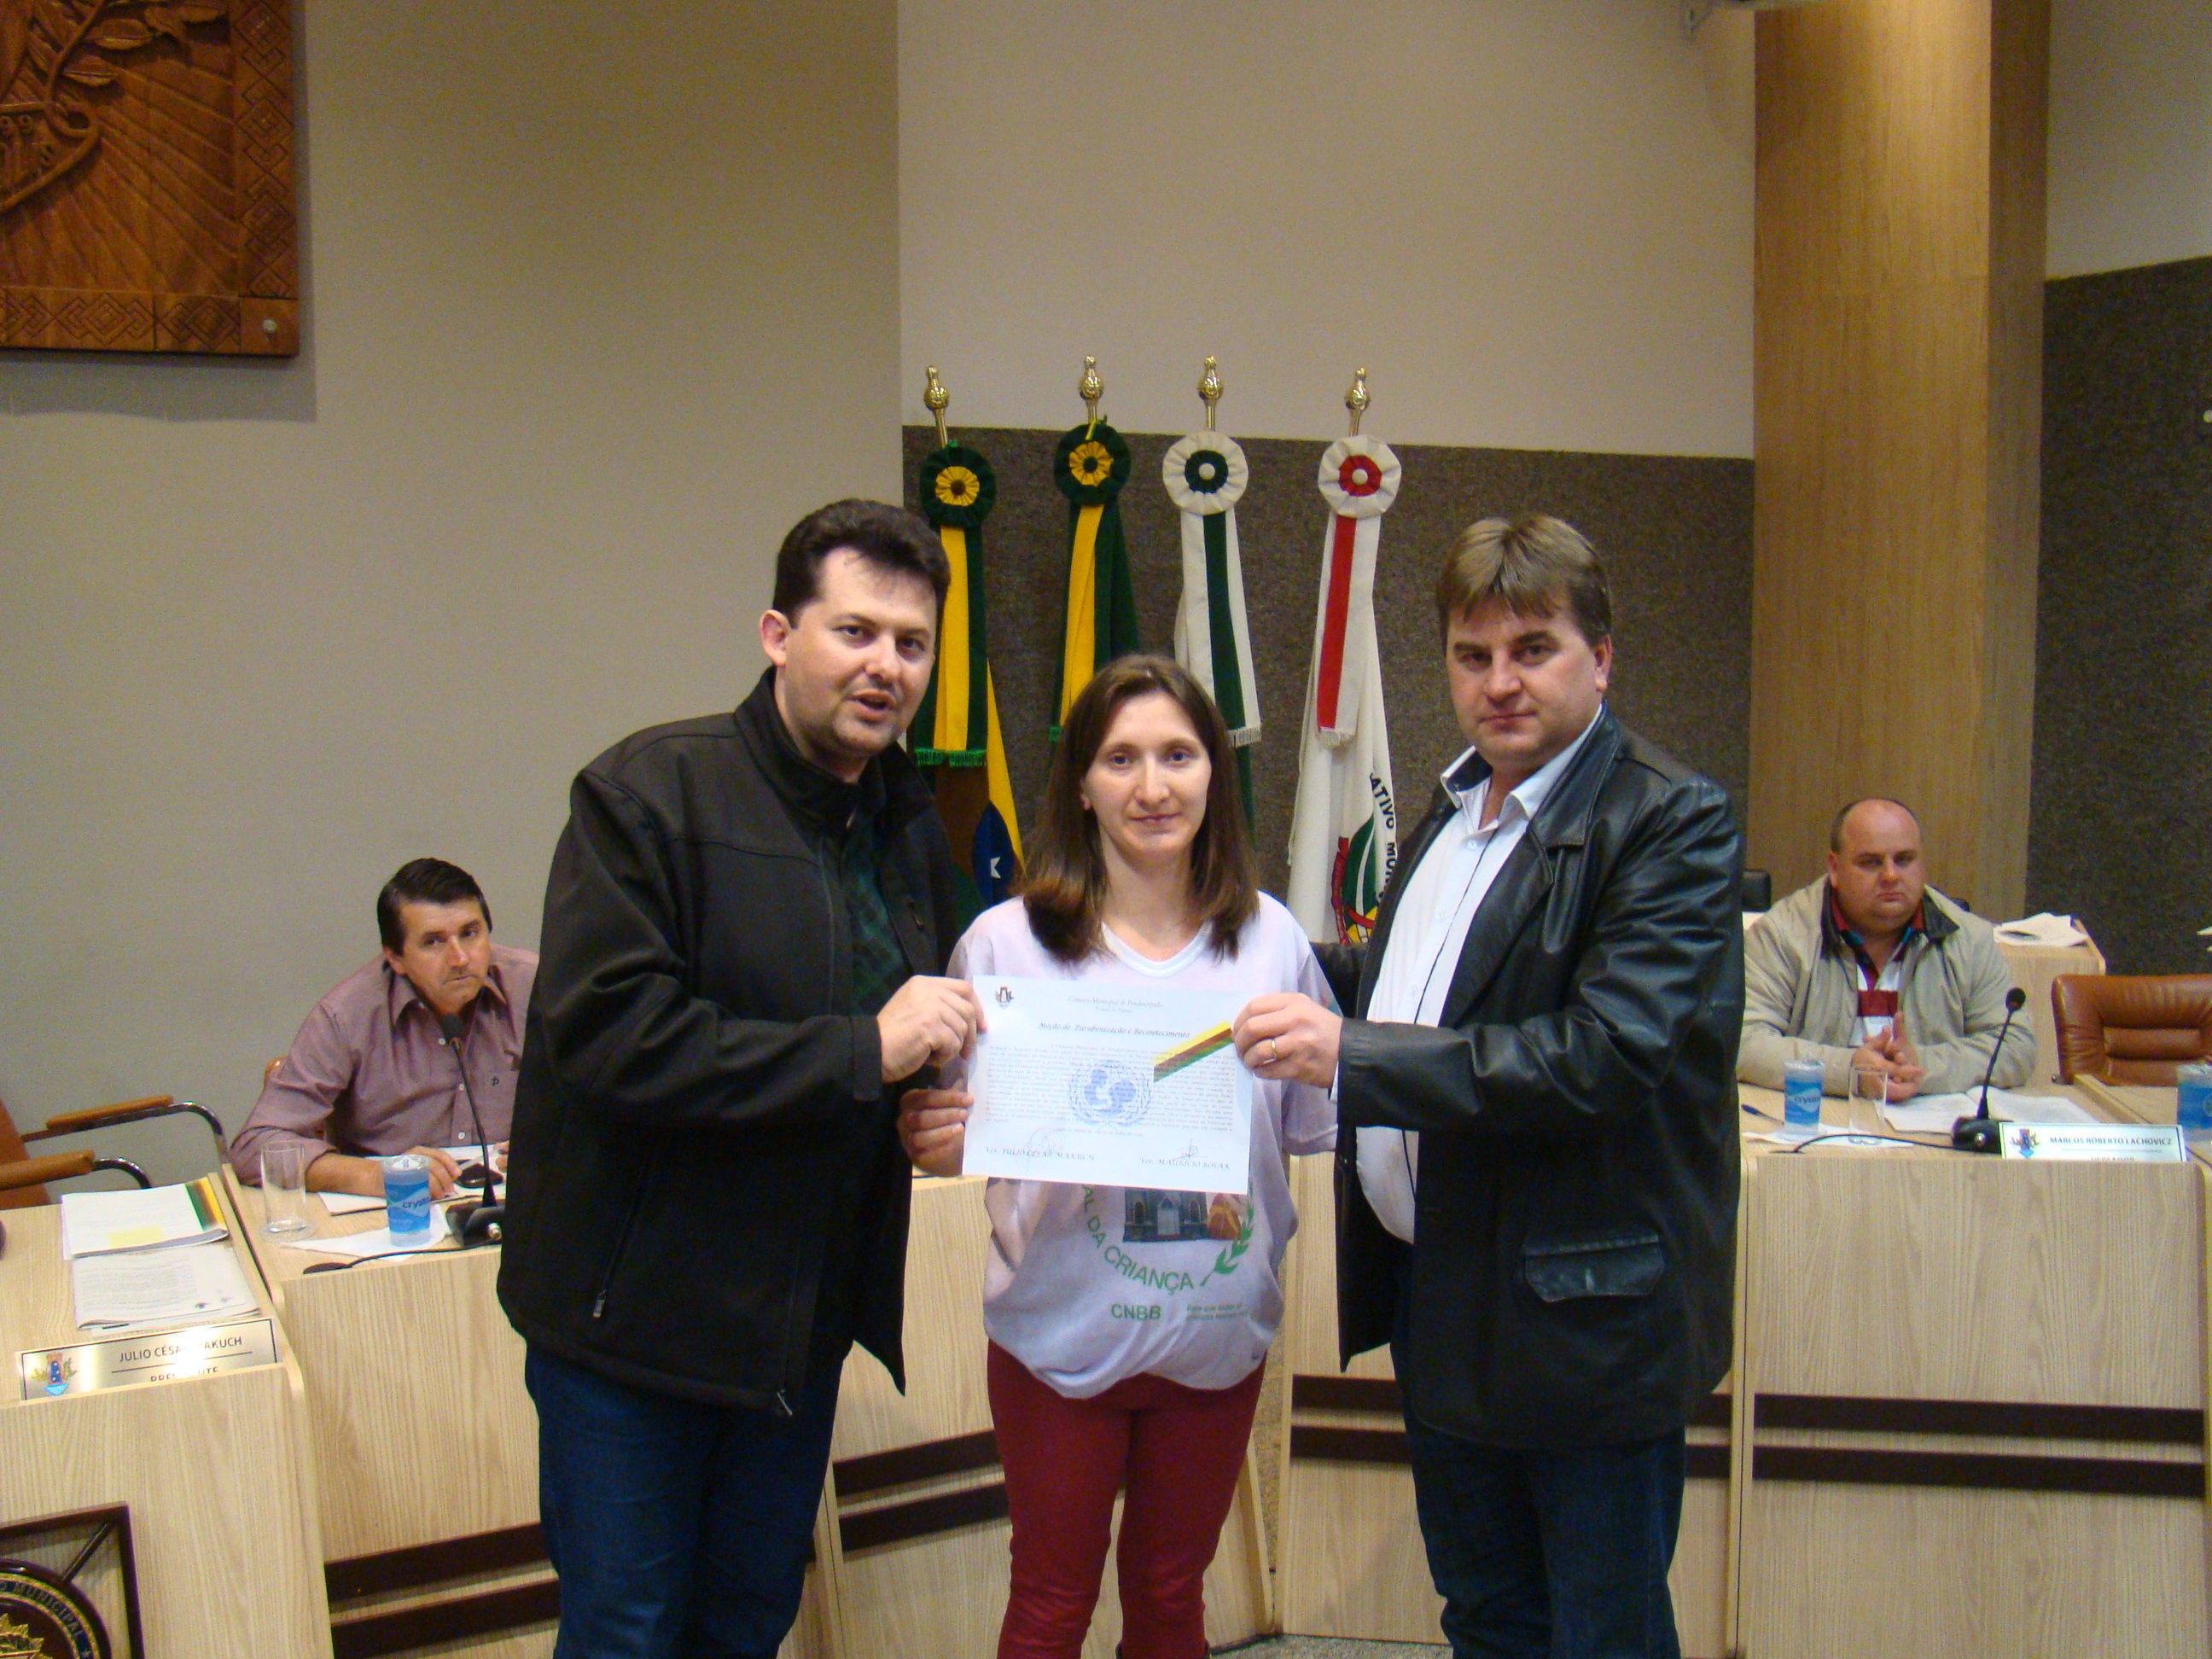 Sheila Etgeton Pontarollo recebe a mo��o dos vereadores J�lio e Maur�cio